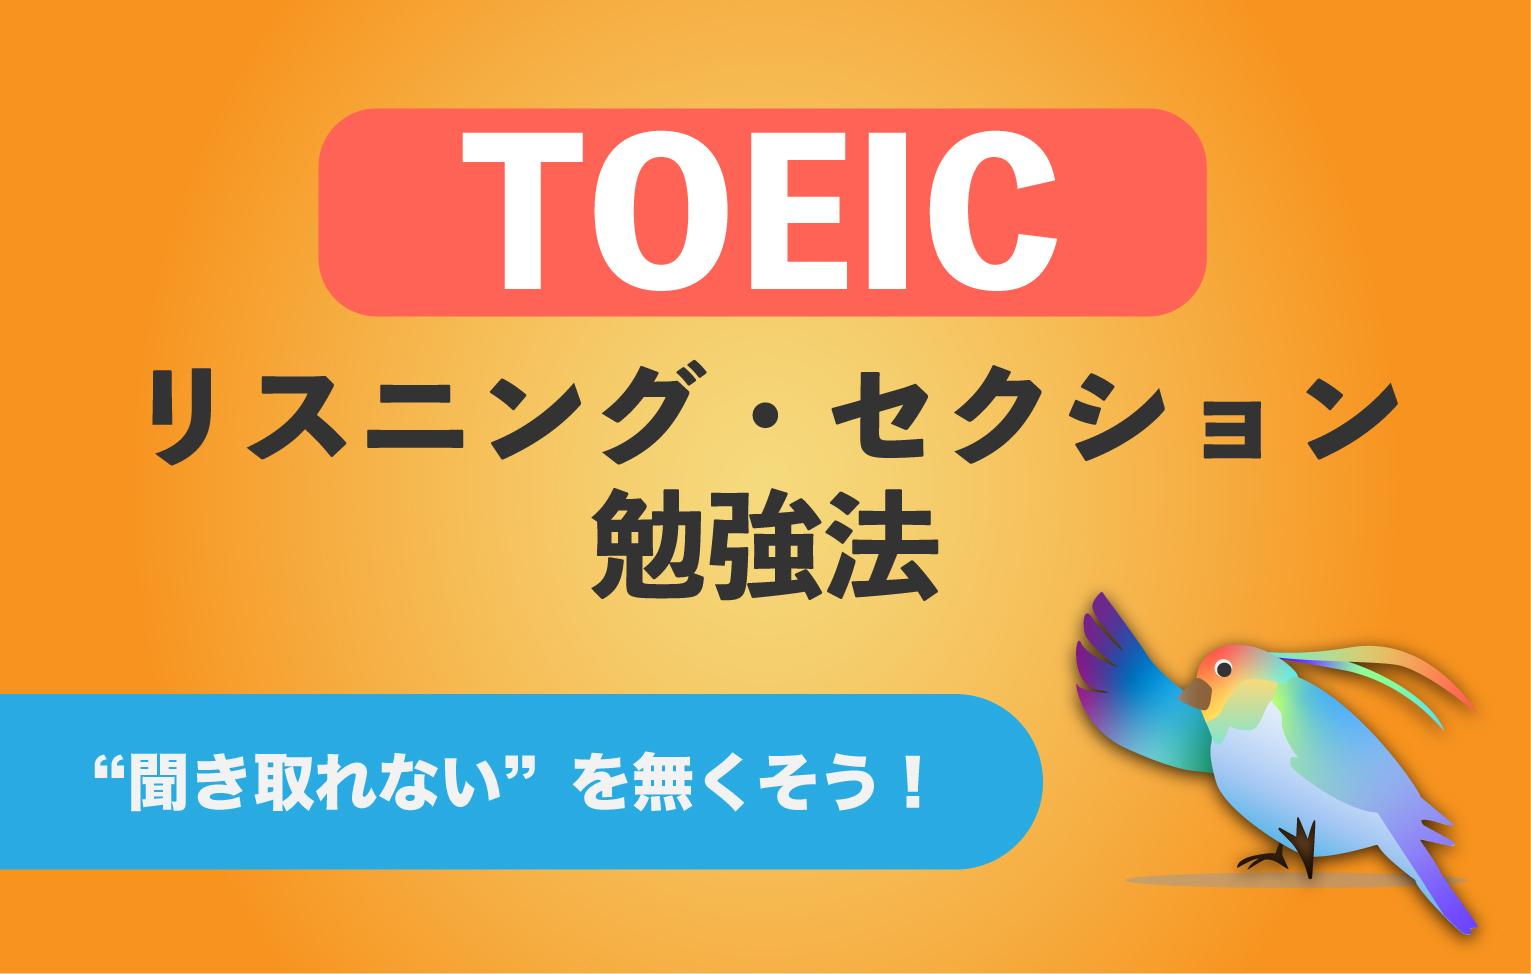 TOEIC リスニングの勉強法【聞き取れないを解消しよう!】